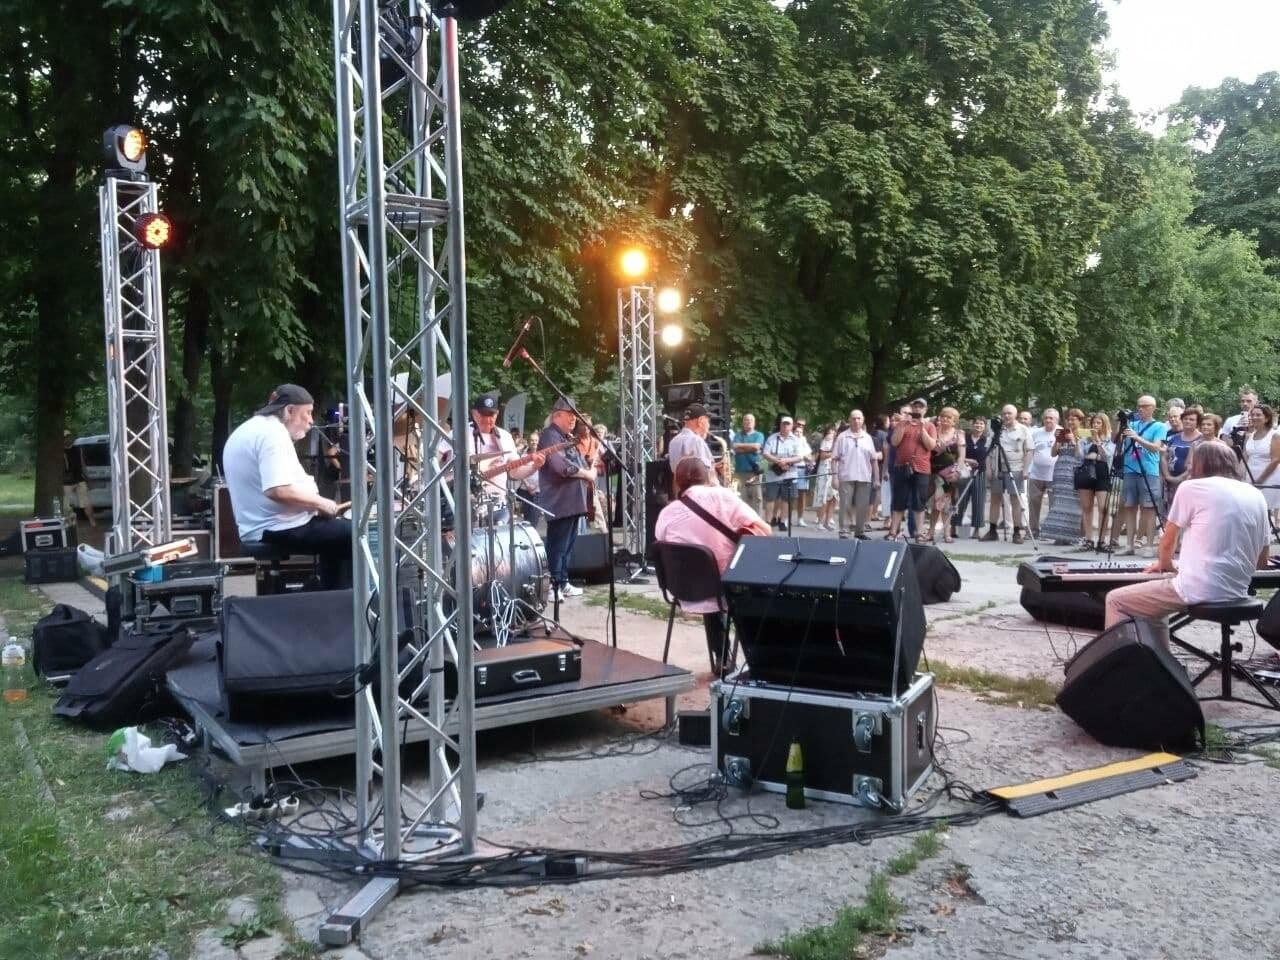 В Днепре по всей территории парка Шевченко звучит музыка нон-стоп, - ФОТО, ВИДЕО, фото-33